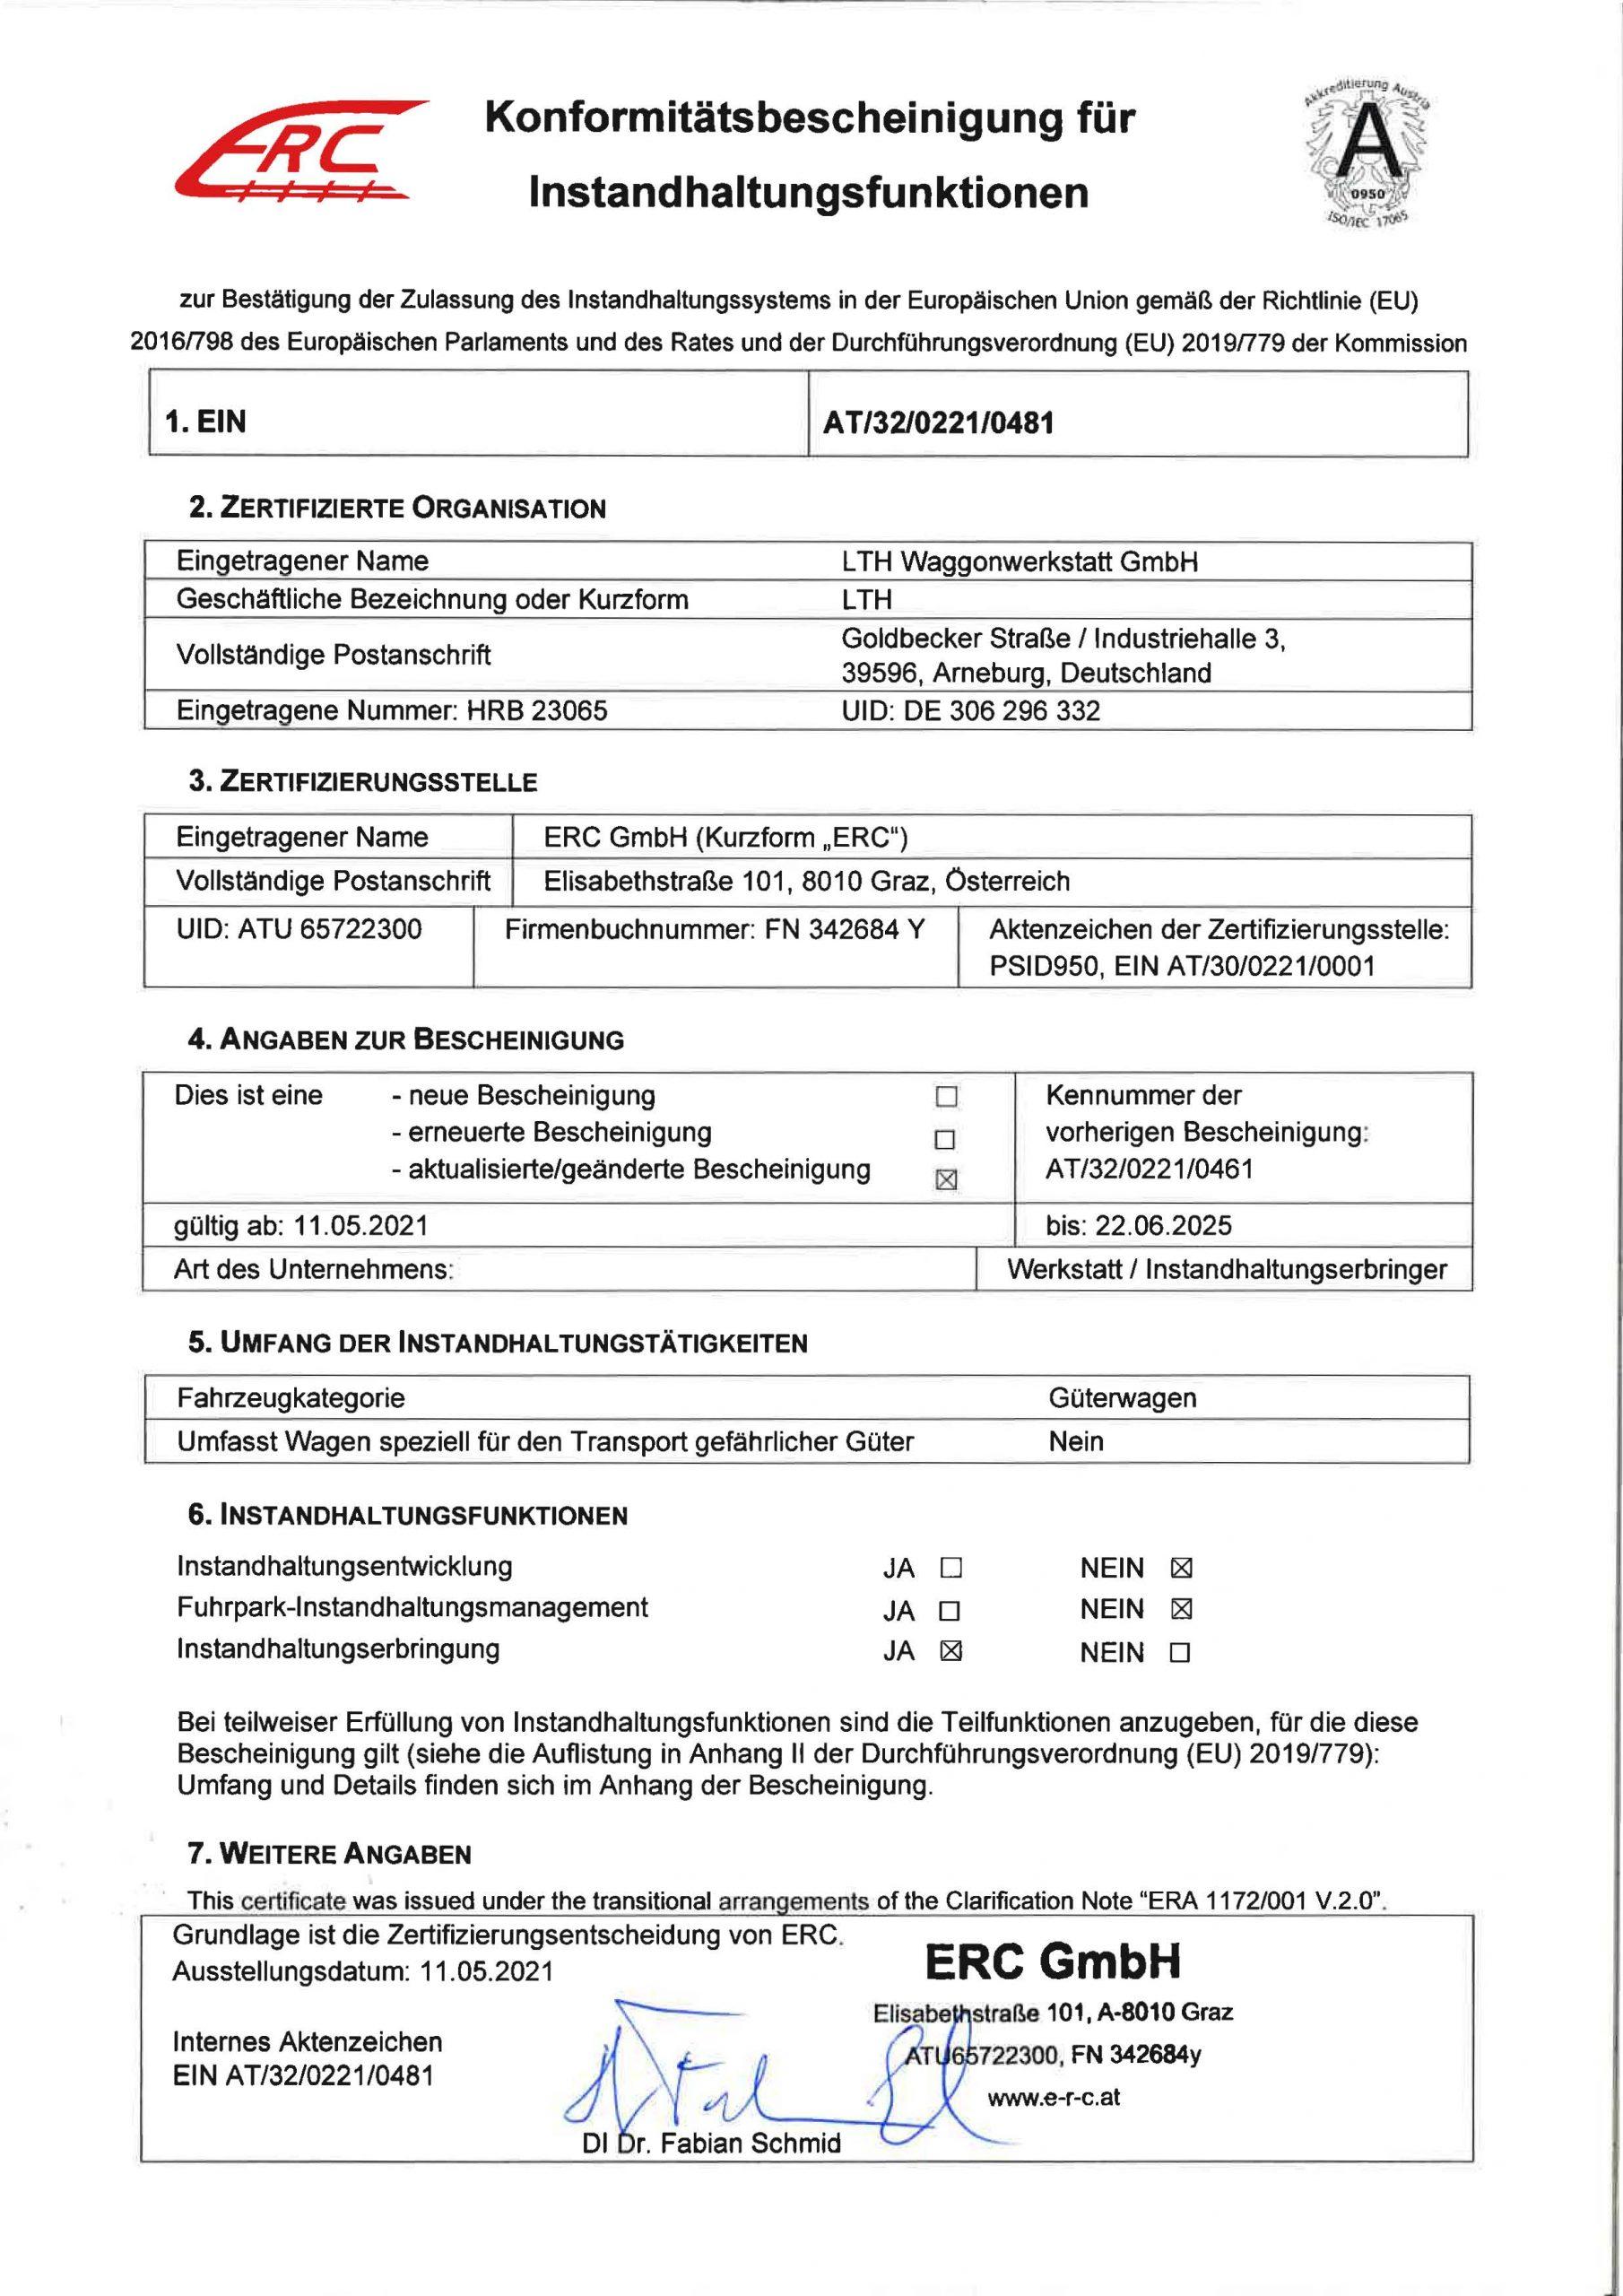 Downloads - Das Bild zeigt den Nachweis der Zulassung des Instandhaltungssystems in der EU.